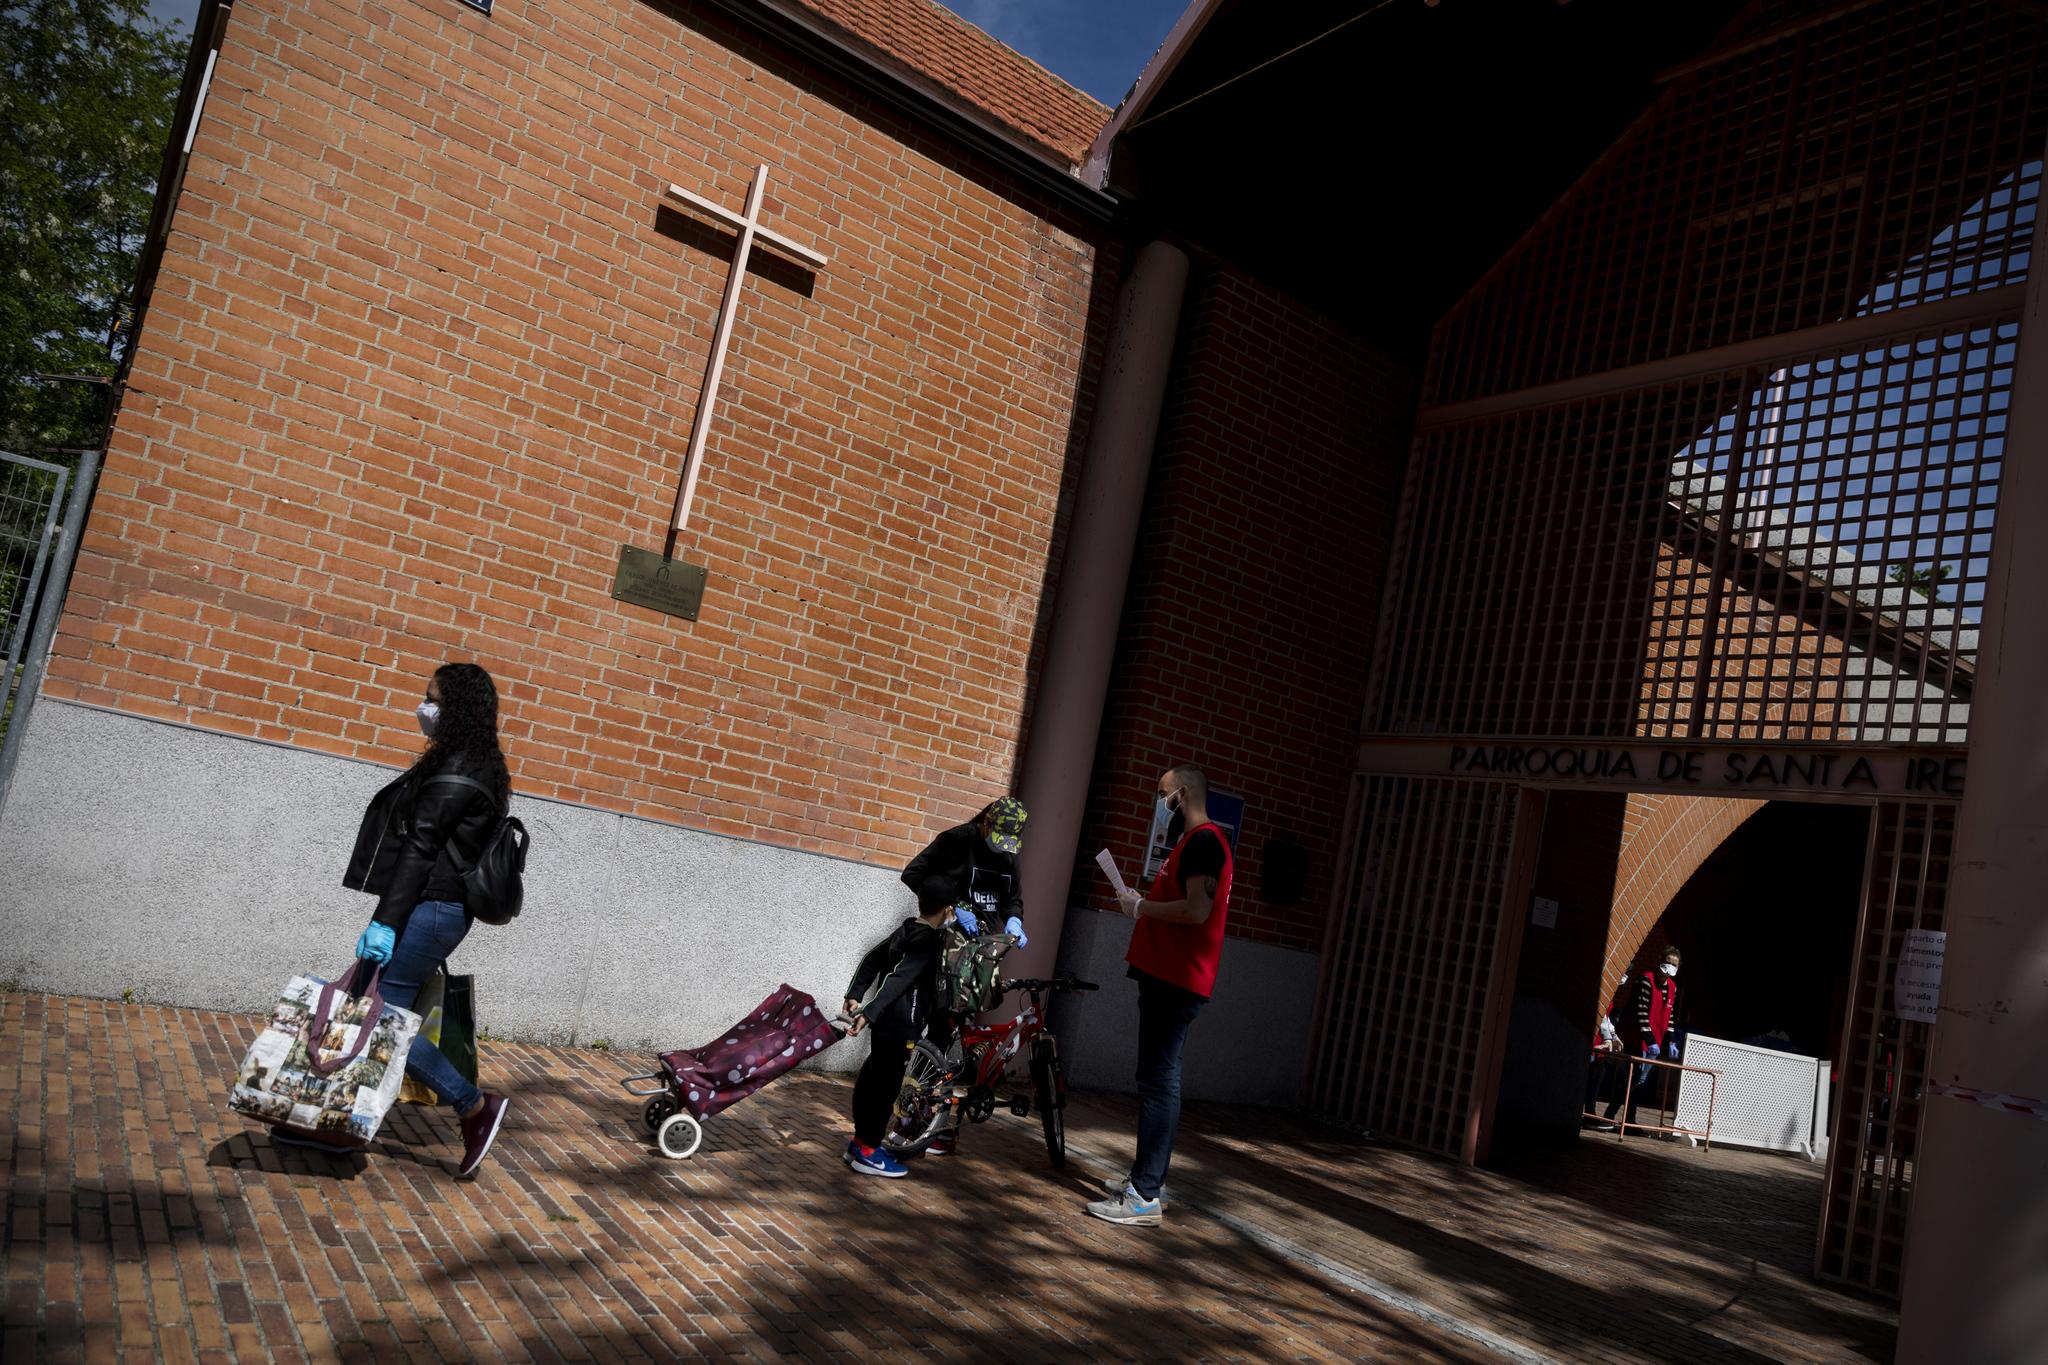 En la parroquia de Santa Irene en Vallecas atienden a 400 familias en el reparto de comida del Banco de Alimentos, en coordinación con los servicios sociales del Ayuntamiento y otras entidades.